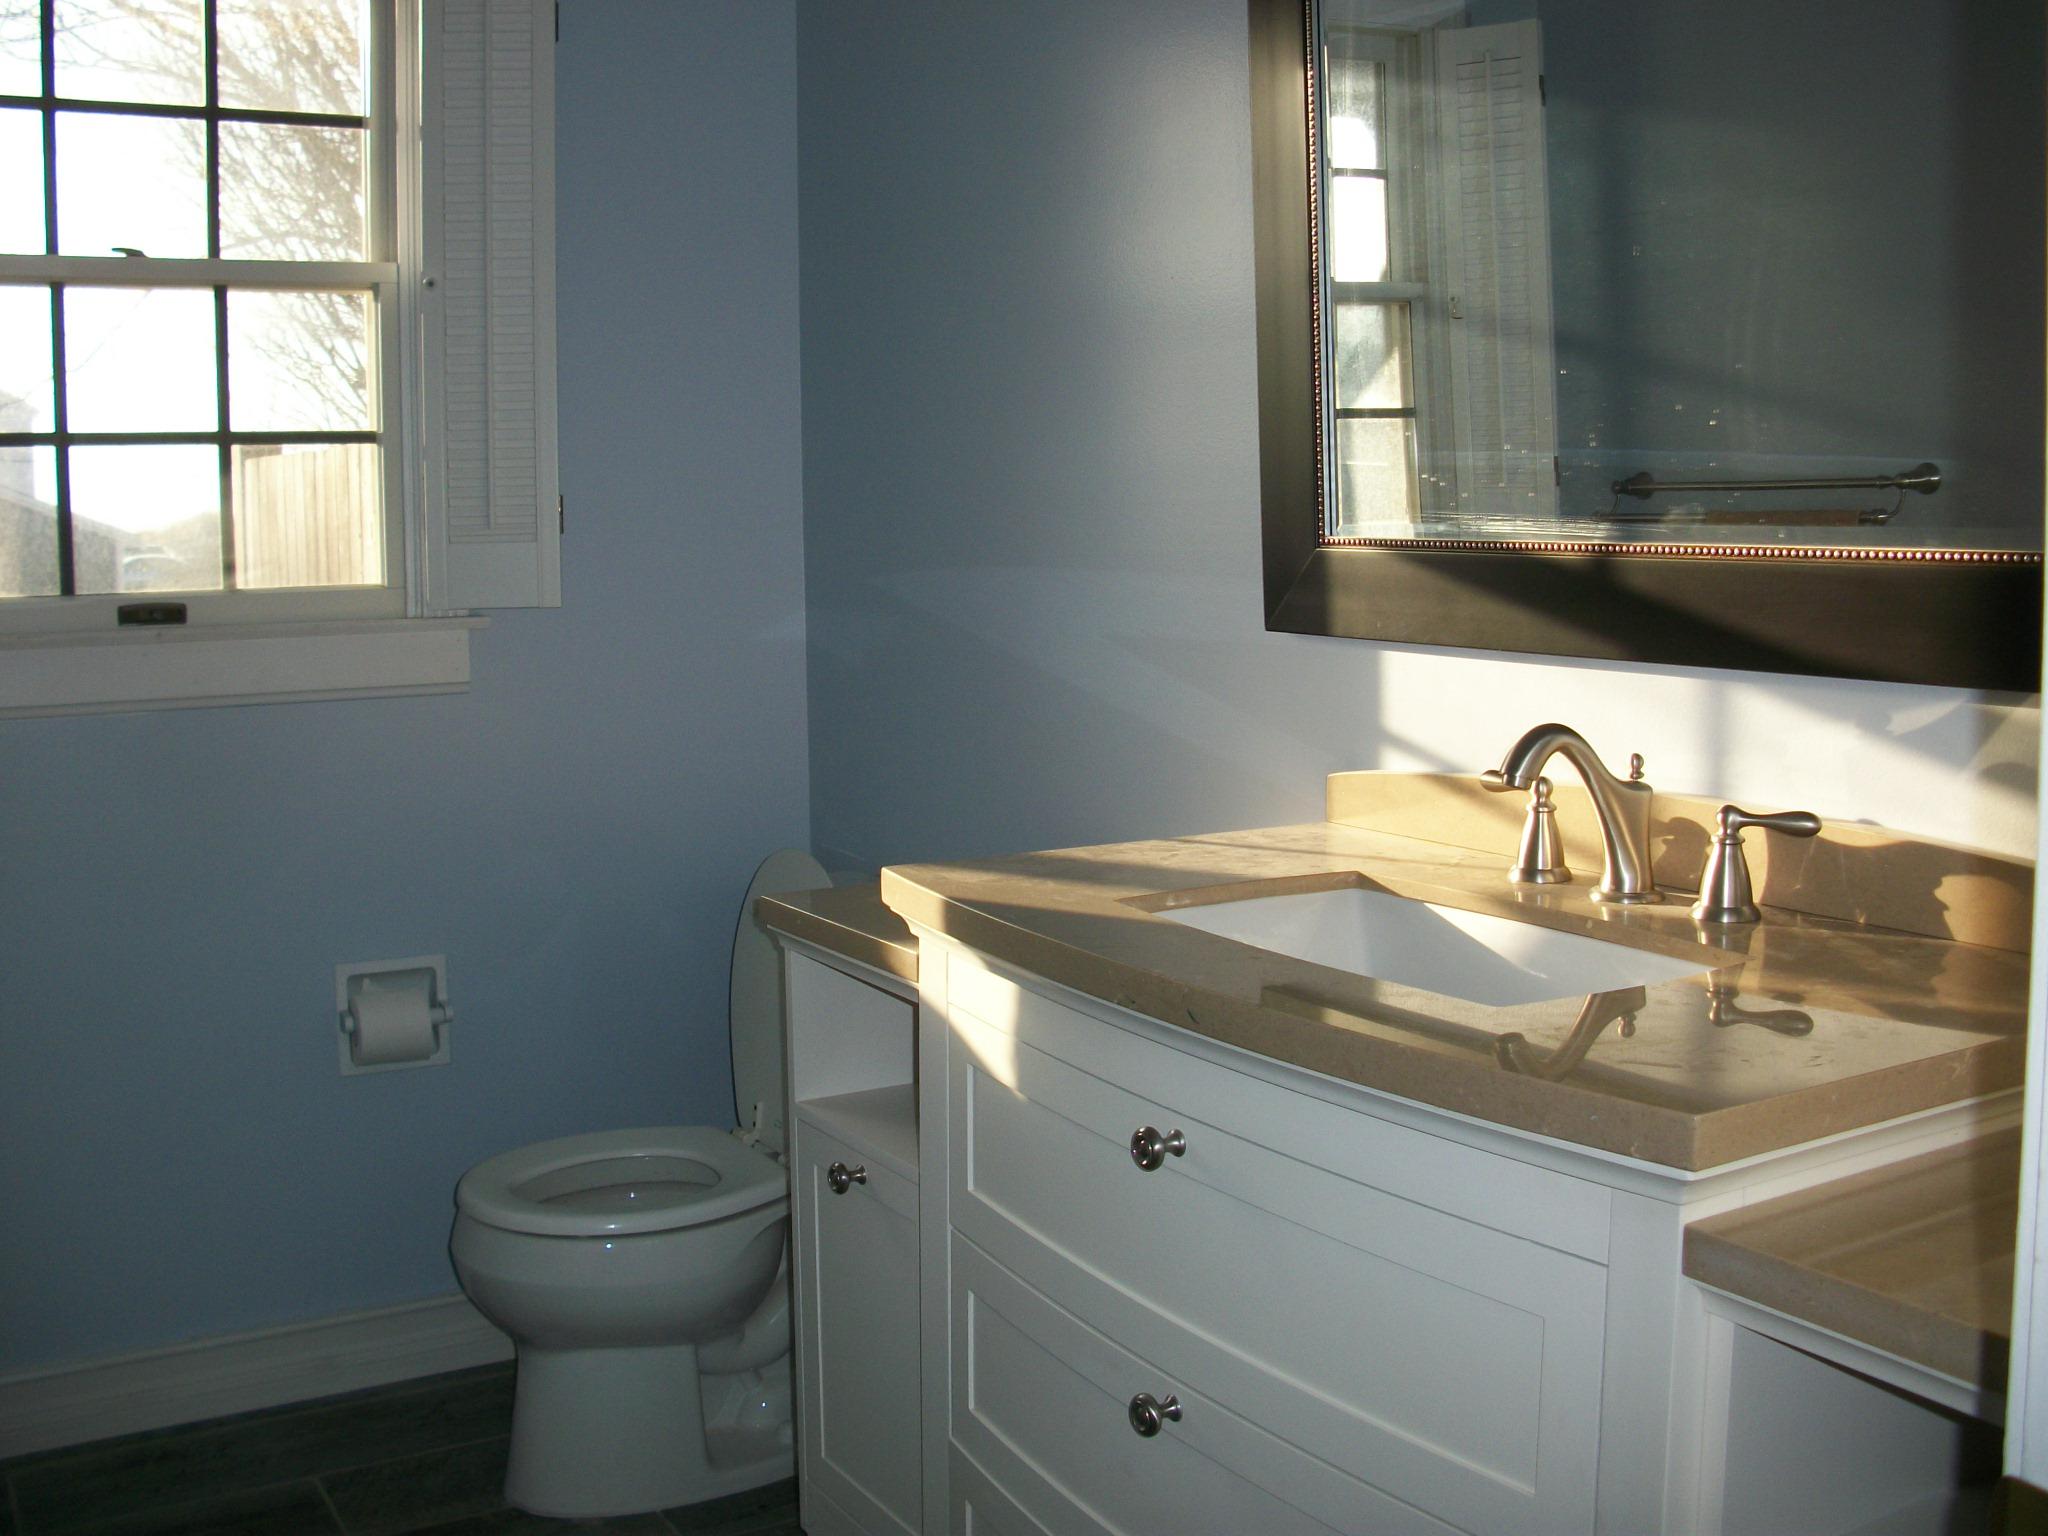 15 Mandigo Way - 3 bedroom, 2 bath in Dennis, MA